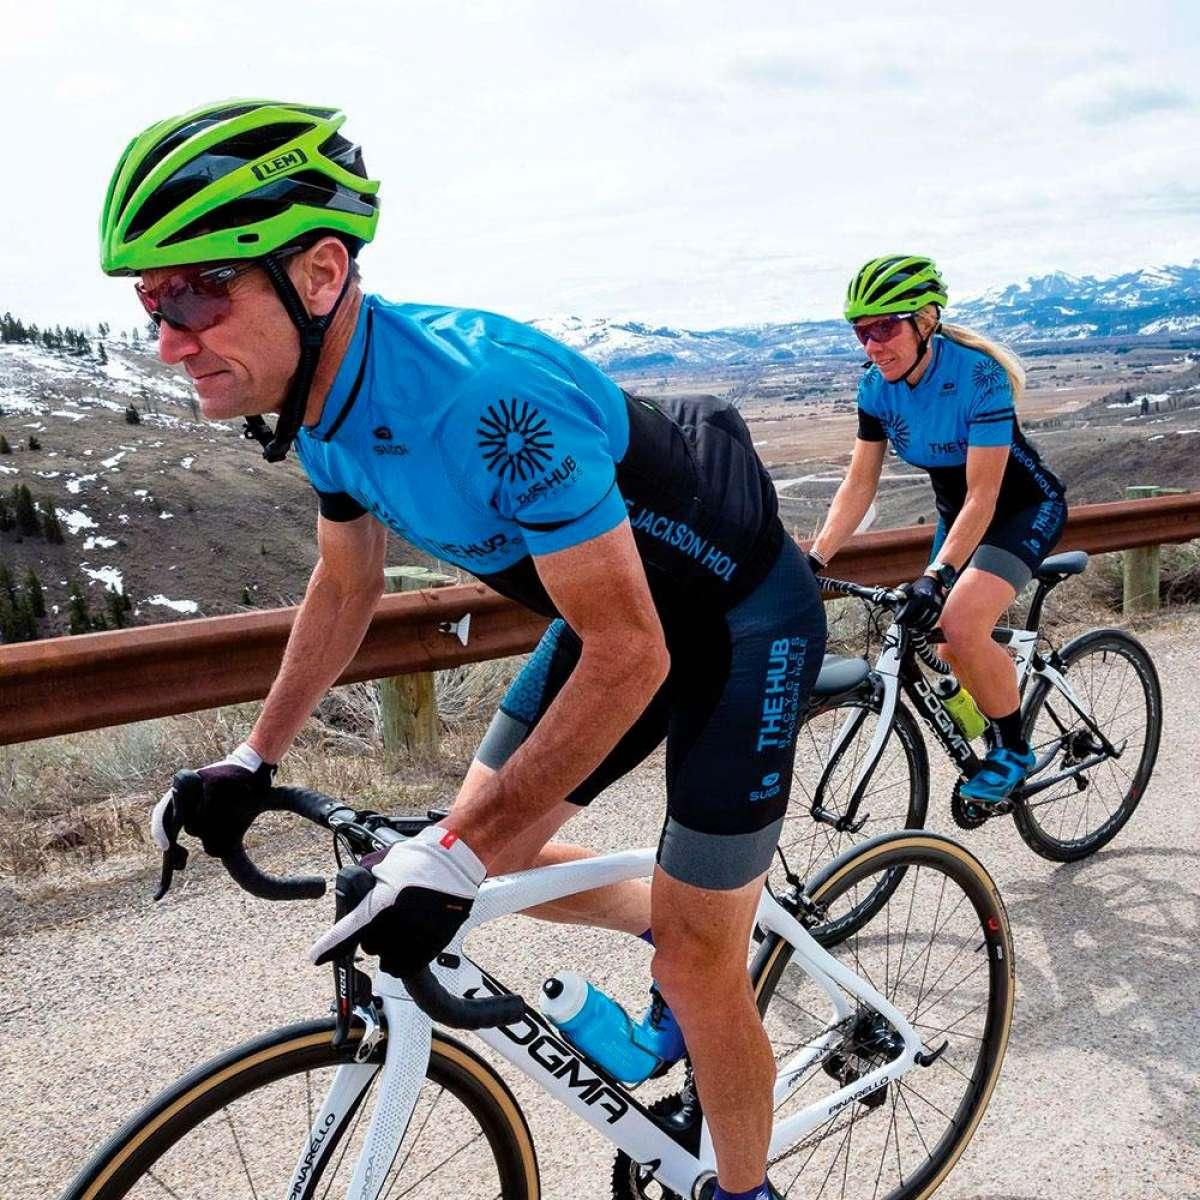 La marca italiana Lem se estrena en el mundo del ciclismo con una completa gama de cascos